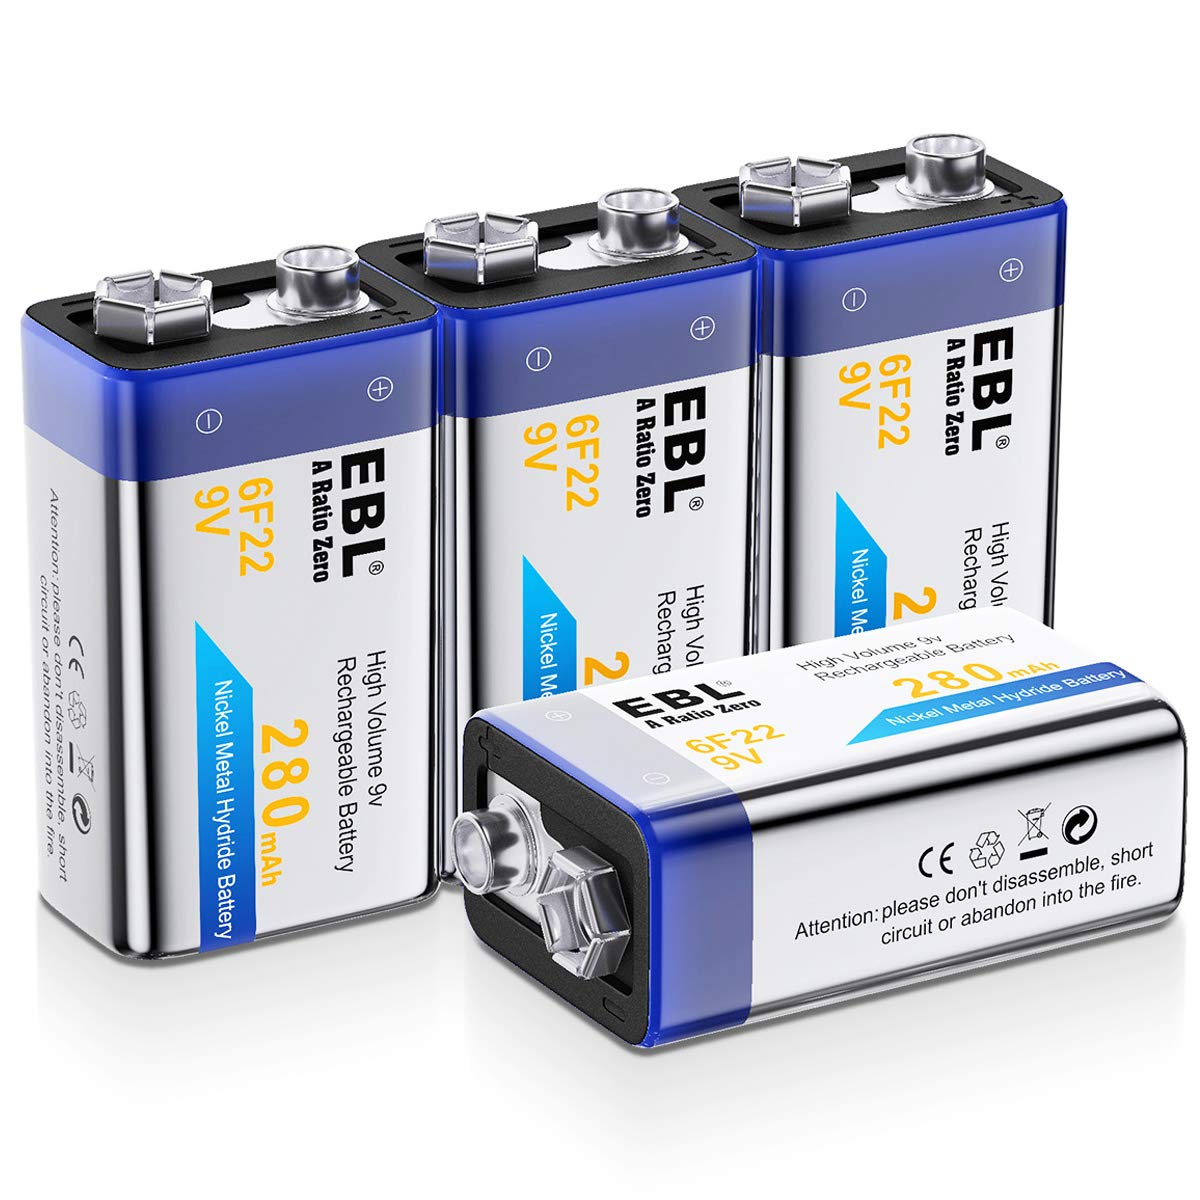 EBL 9V Rechargeable Batteries NiMH Everyday 280mAh 9V Battery for Smoke Alarm Detector, 4-Packs